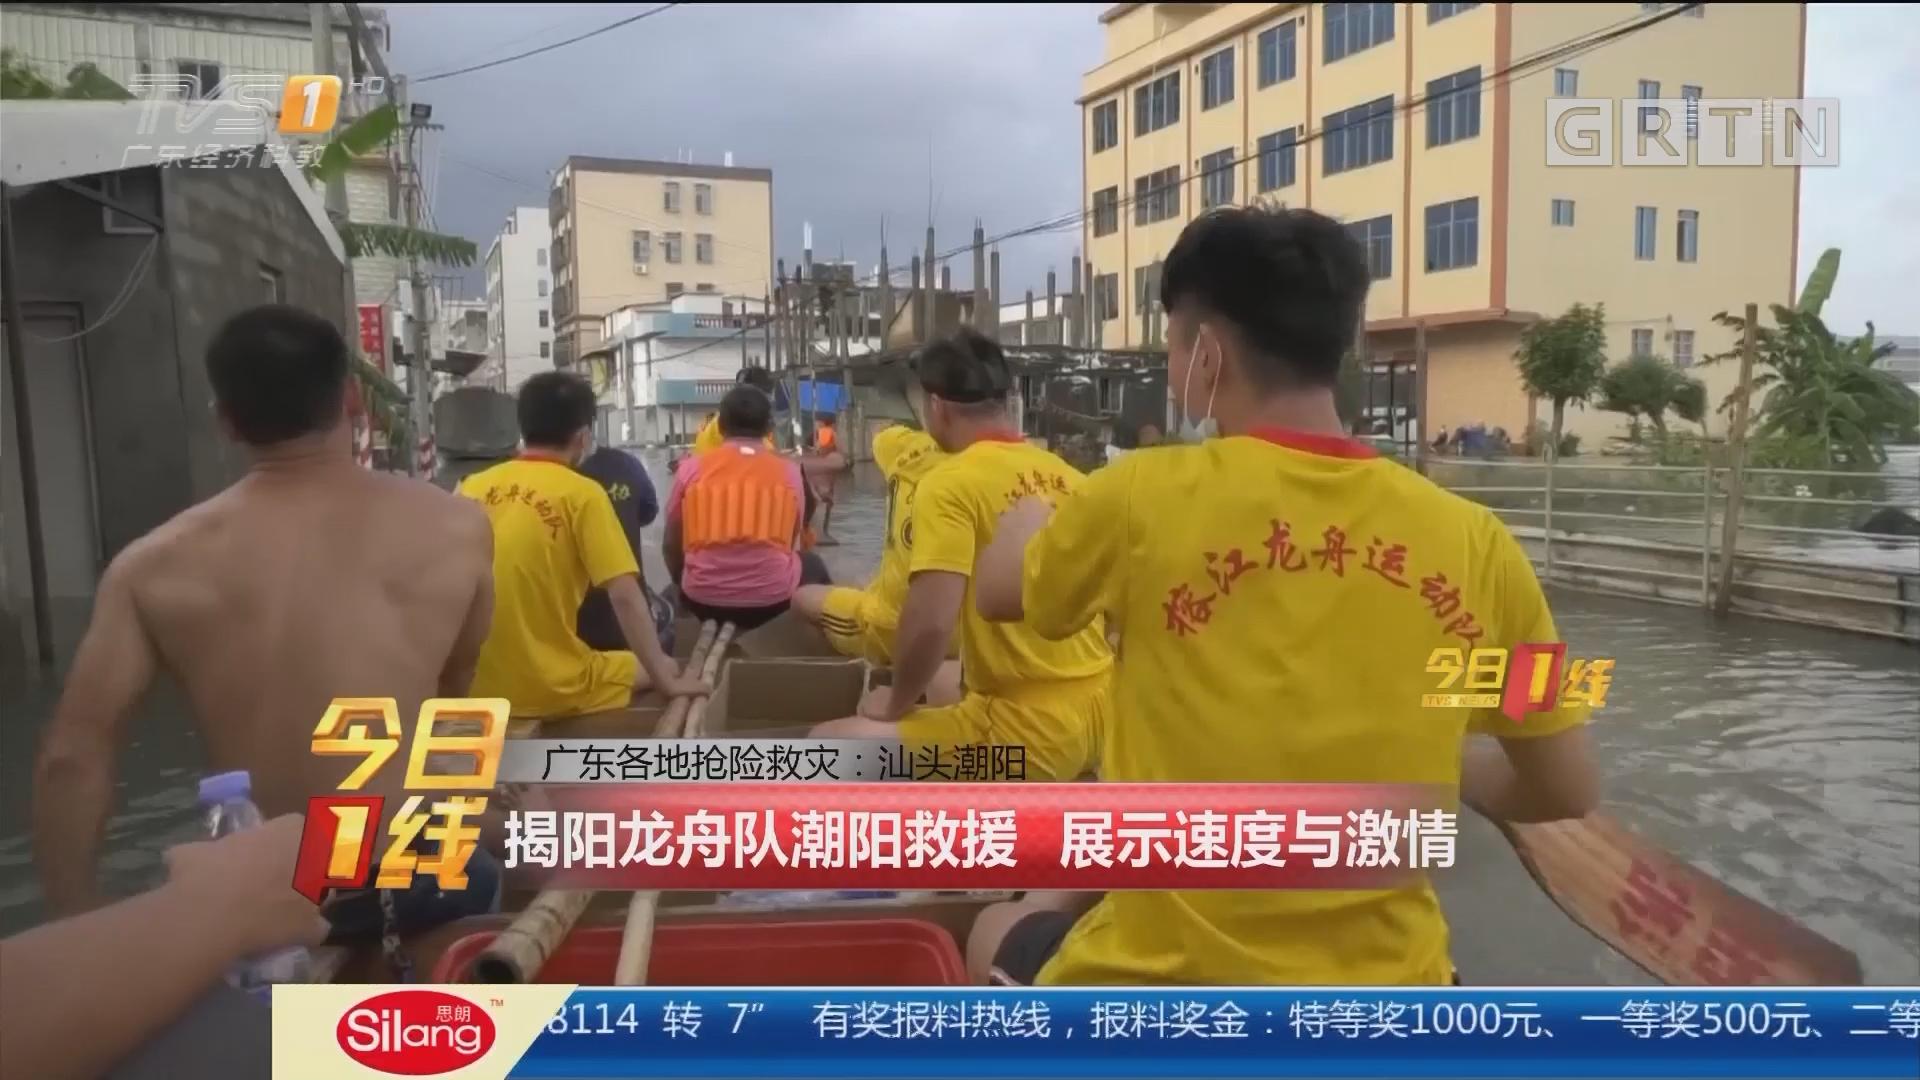 广东各地抢险救灾:汕头潮阳 揭阳龙舟队潮阳救援 展示速度与激情